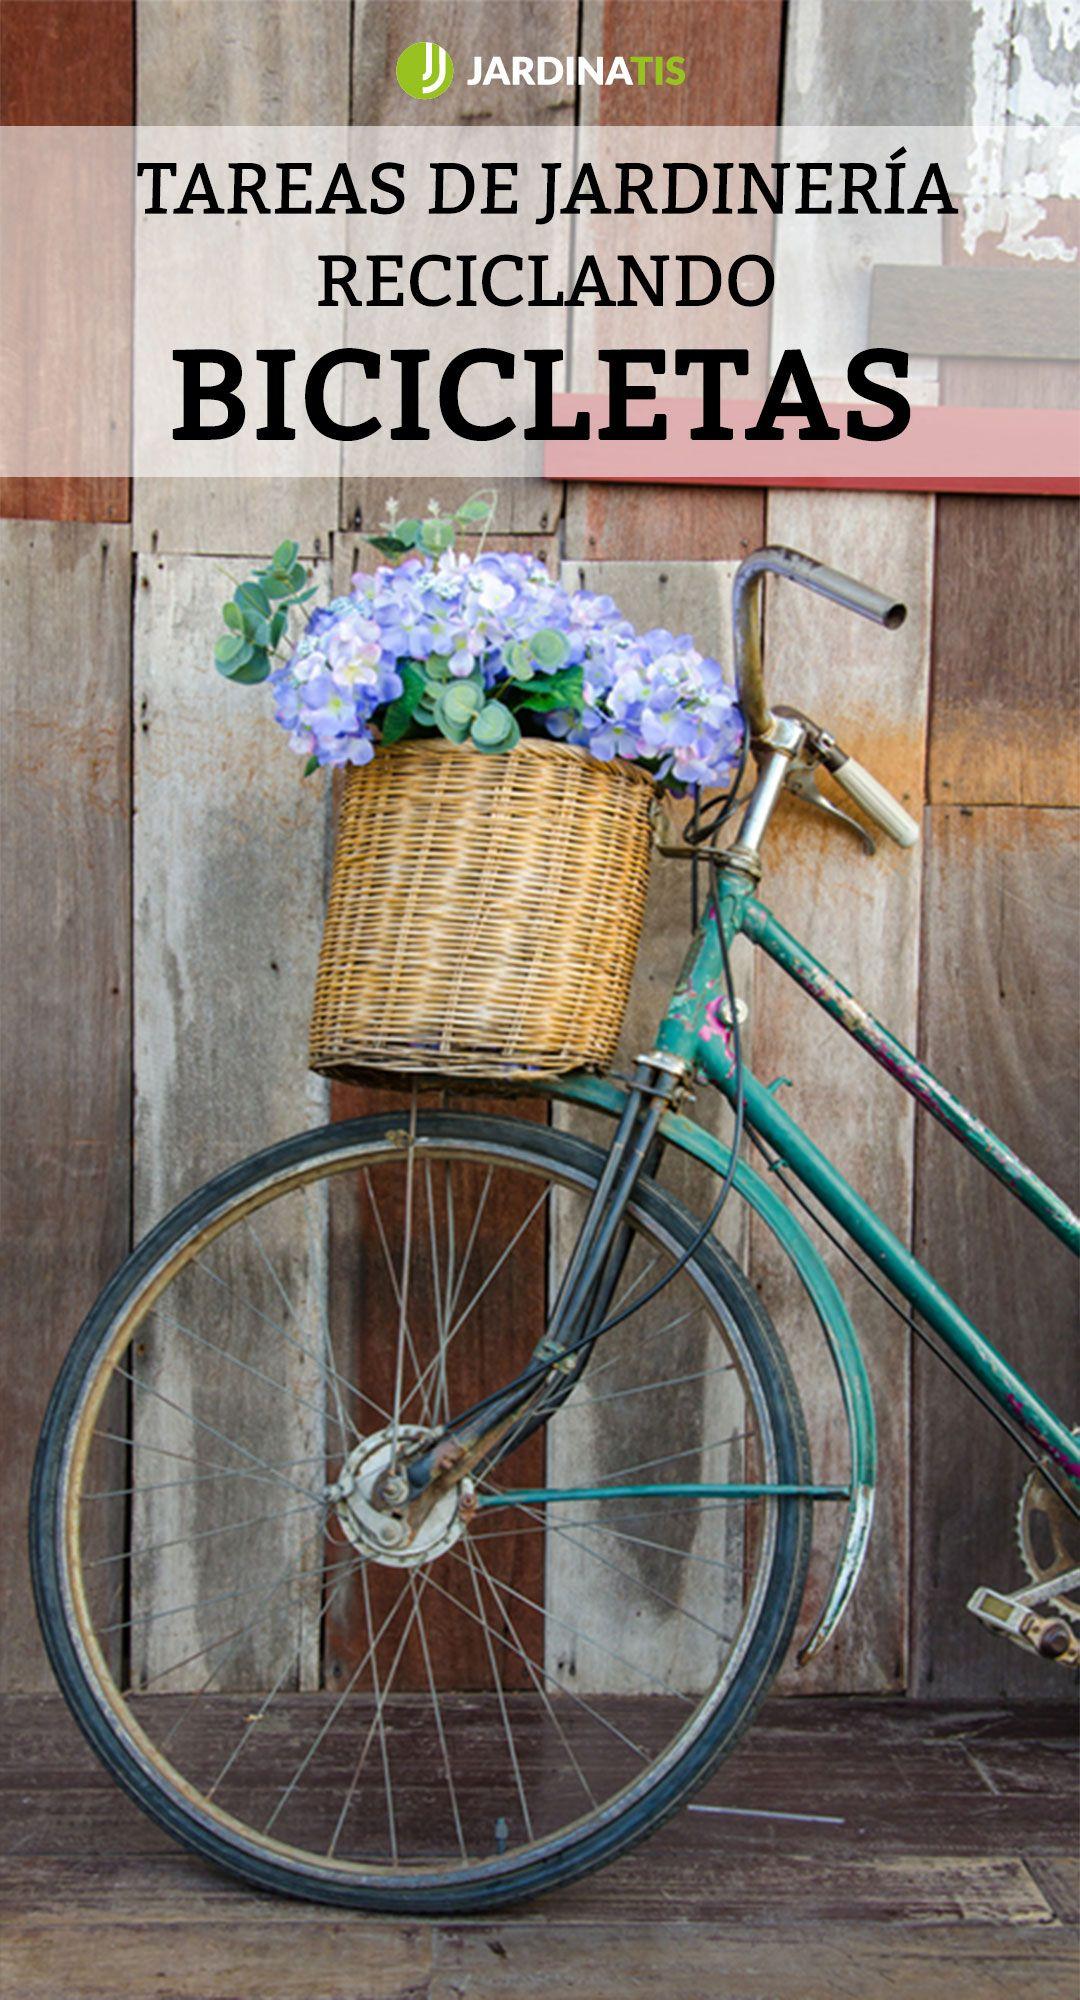 Tareas de jardinería reciclando bicicletas